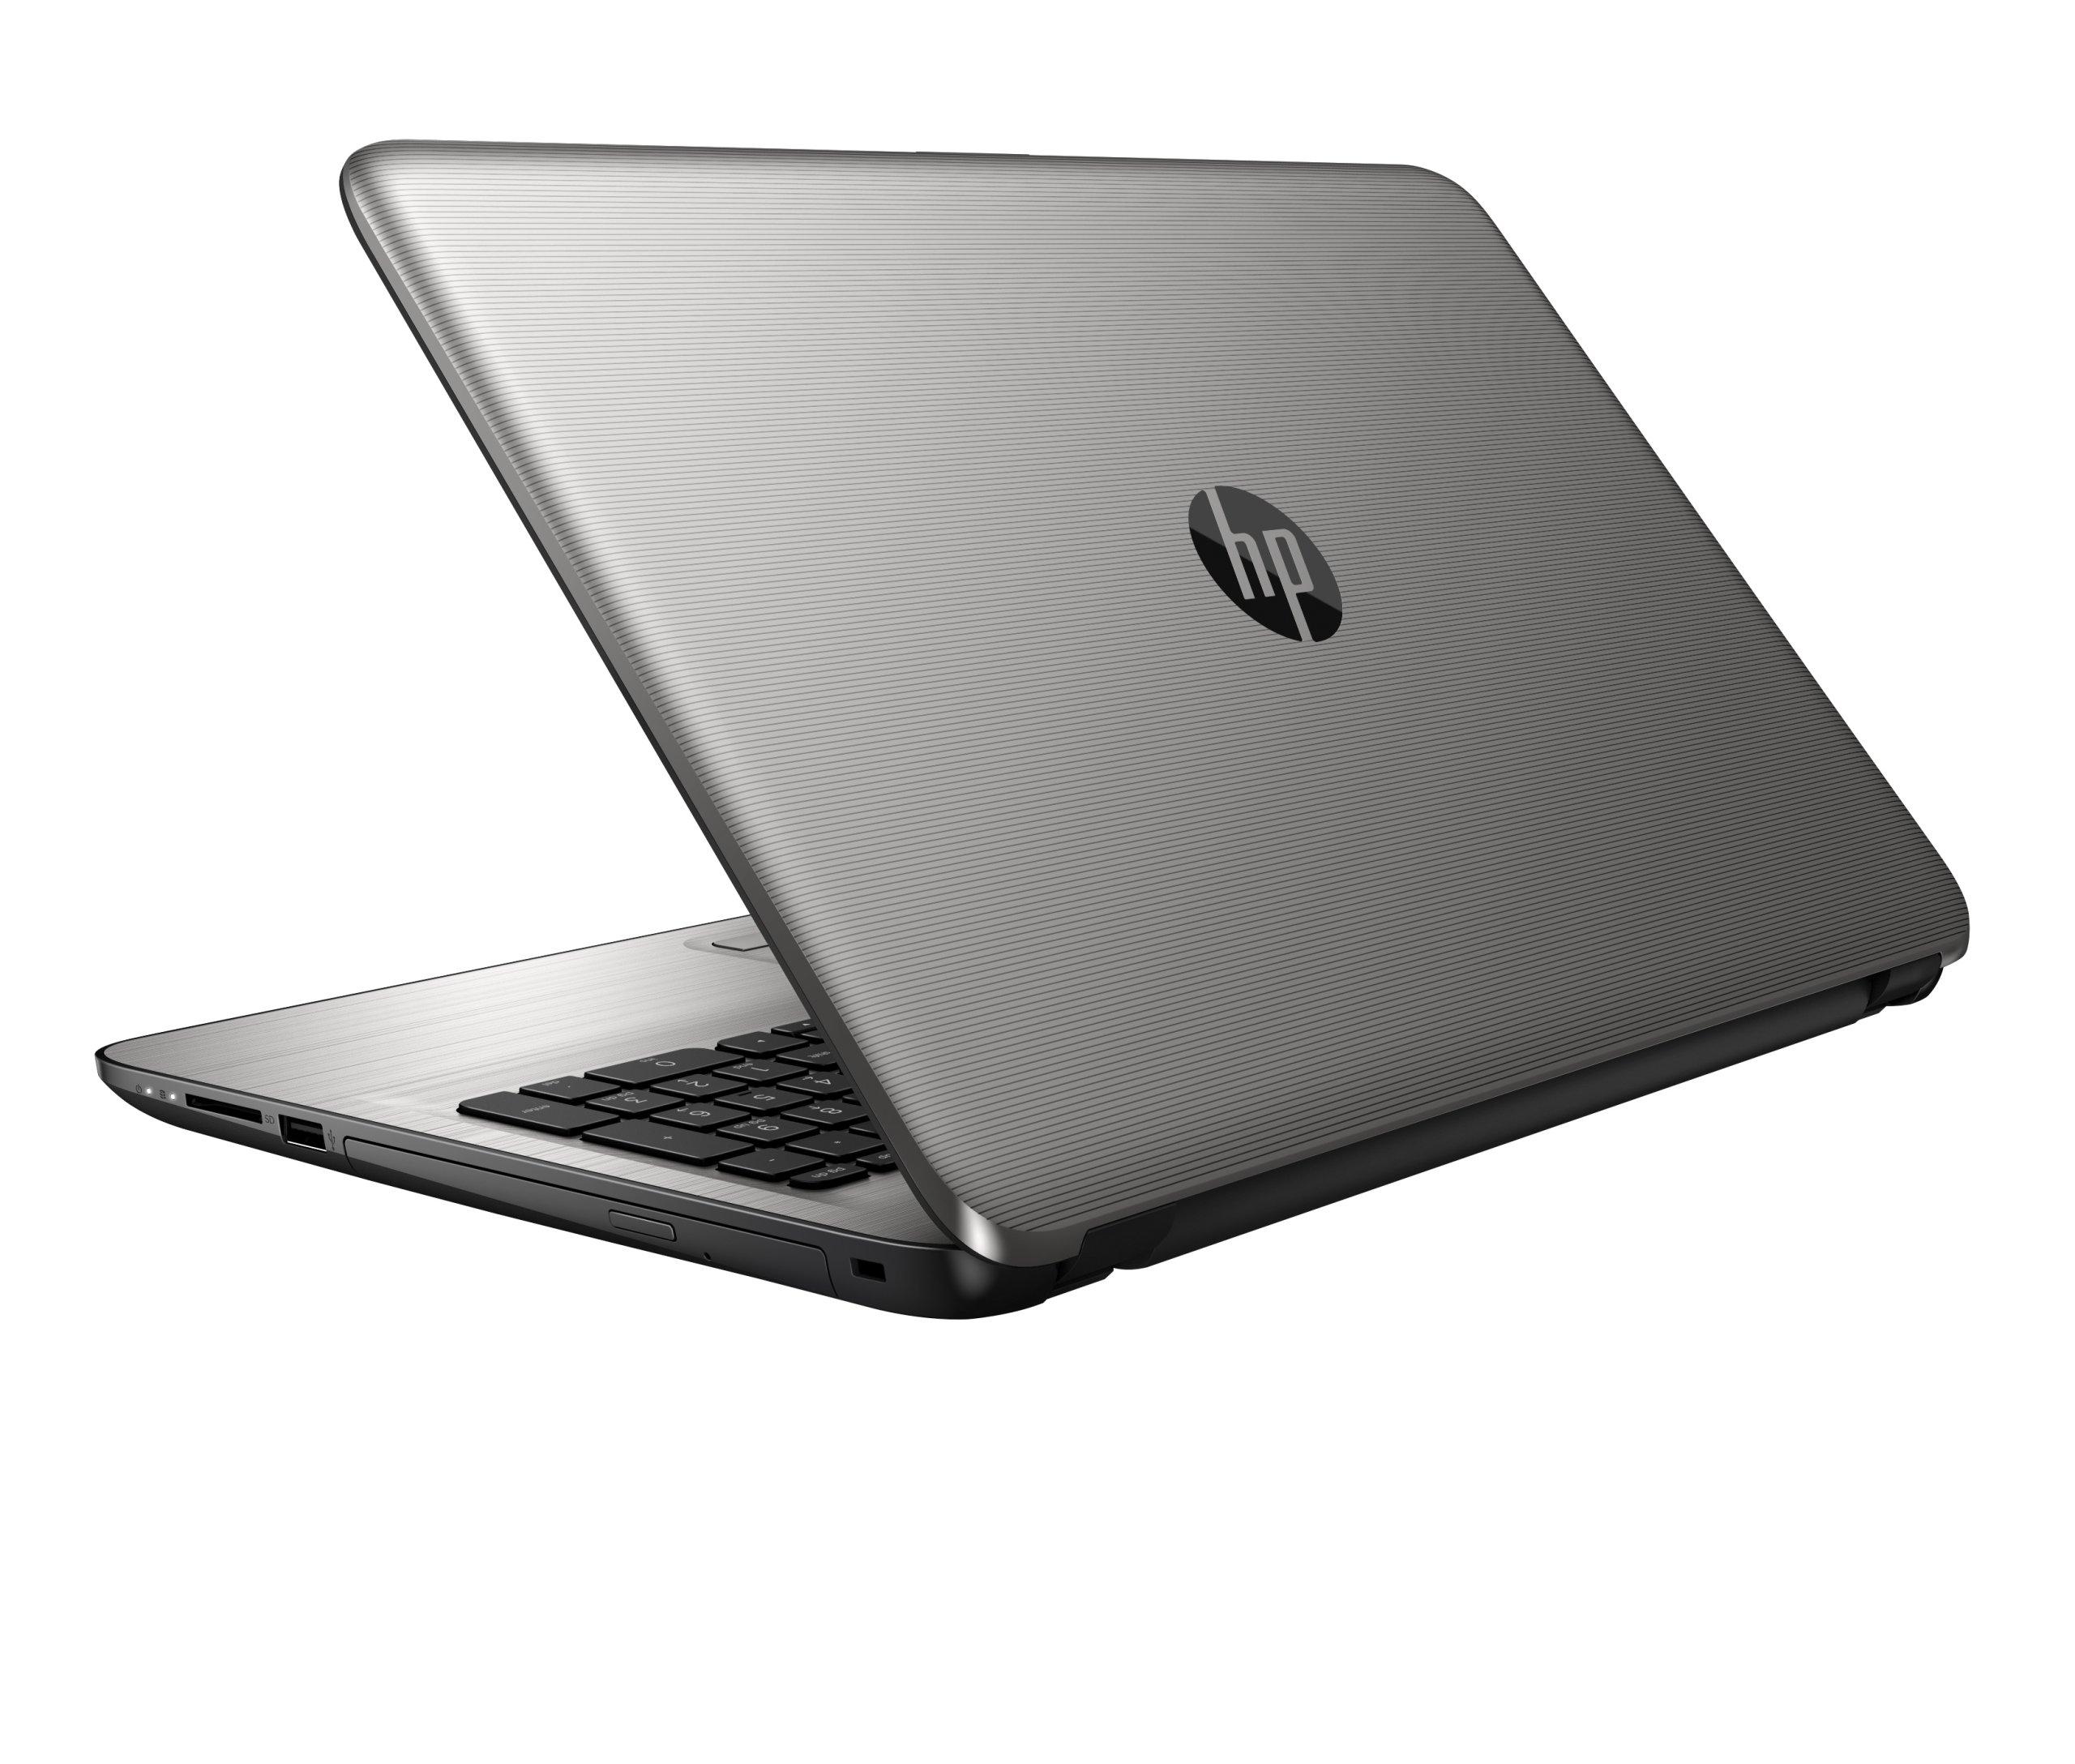 HP LAPTOP 15 AMD A10 QUAD 8GB DDR4 1TB WINDOWS 10